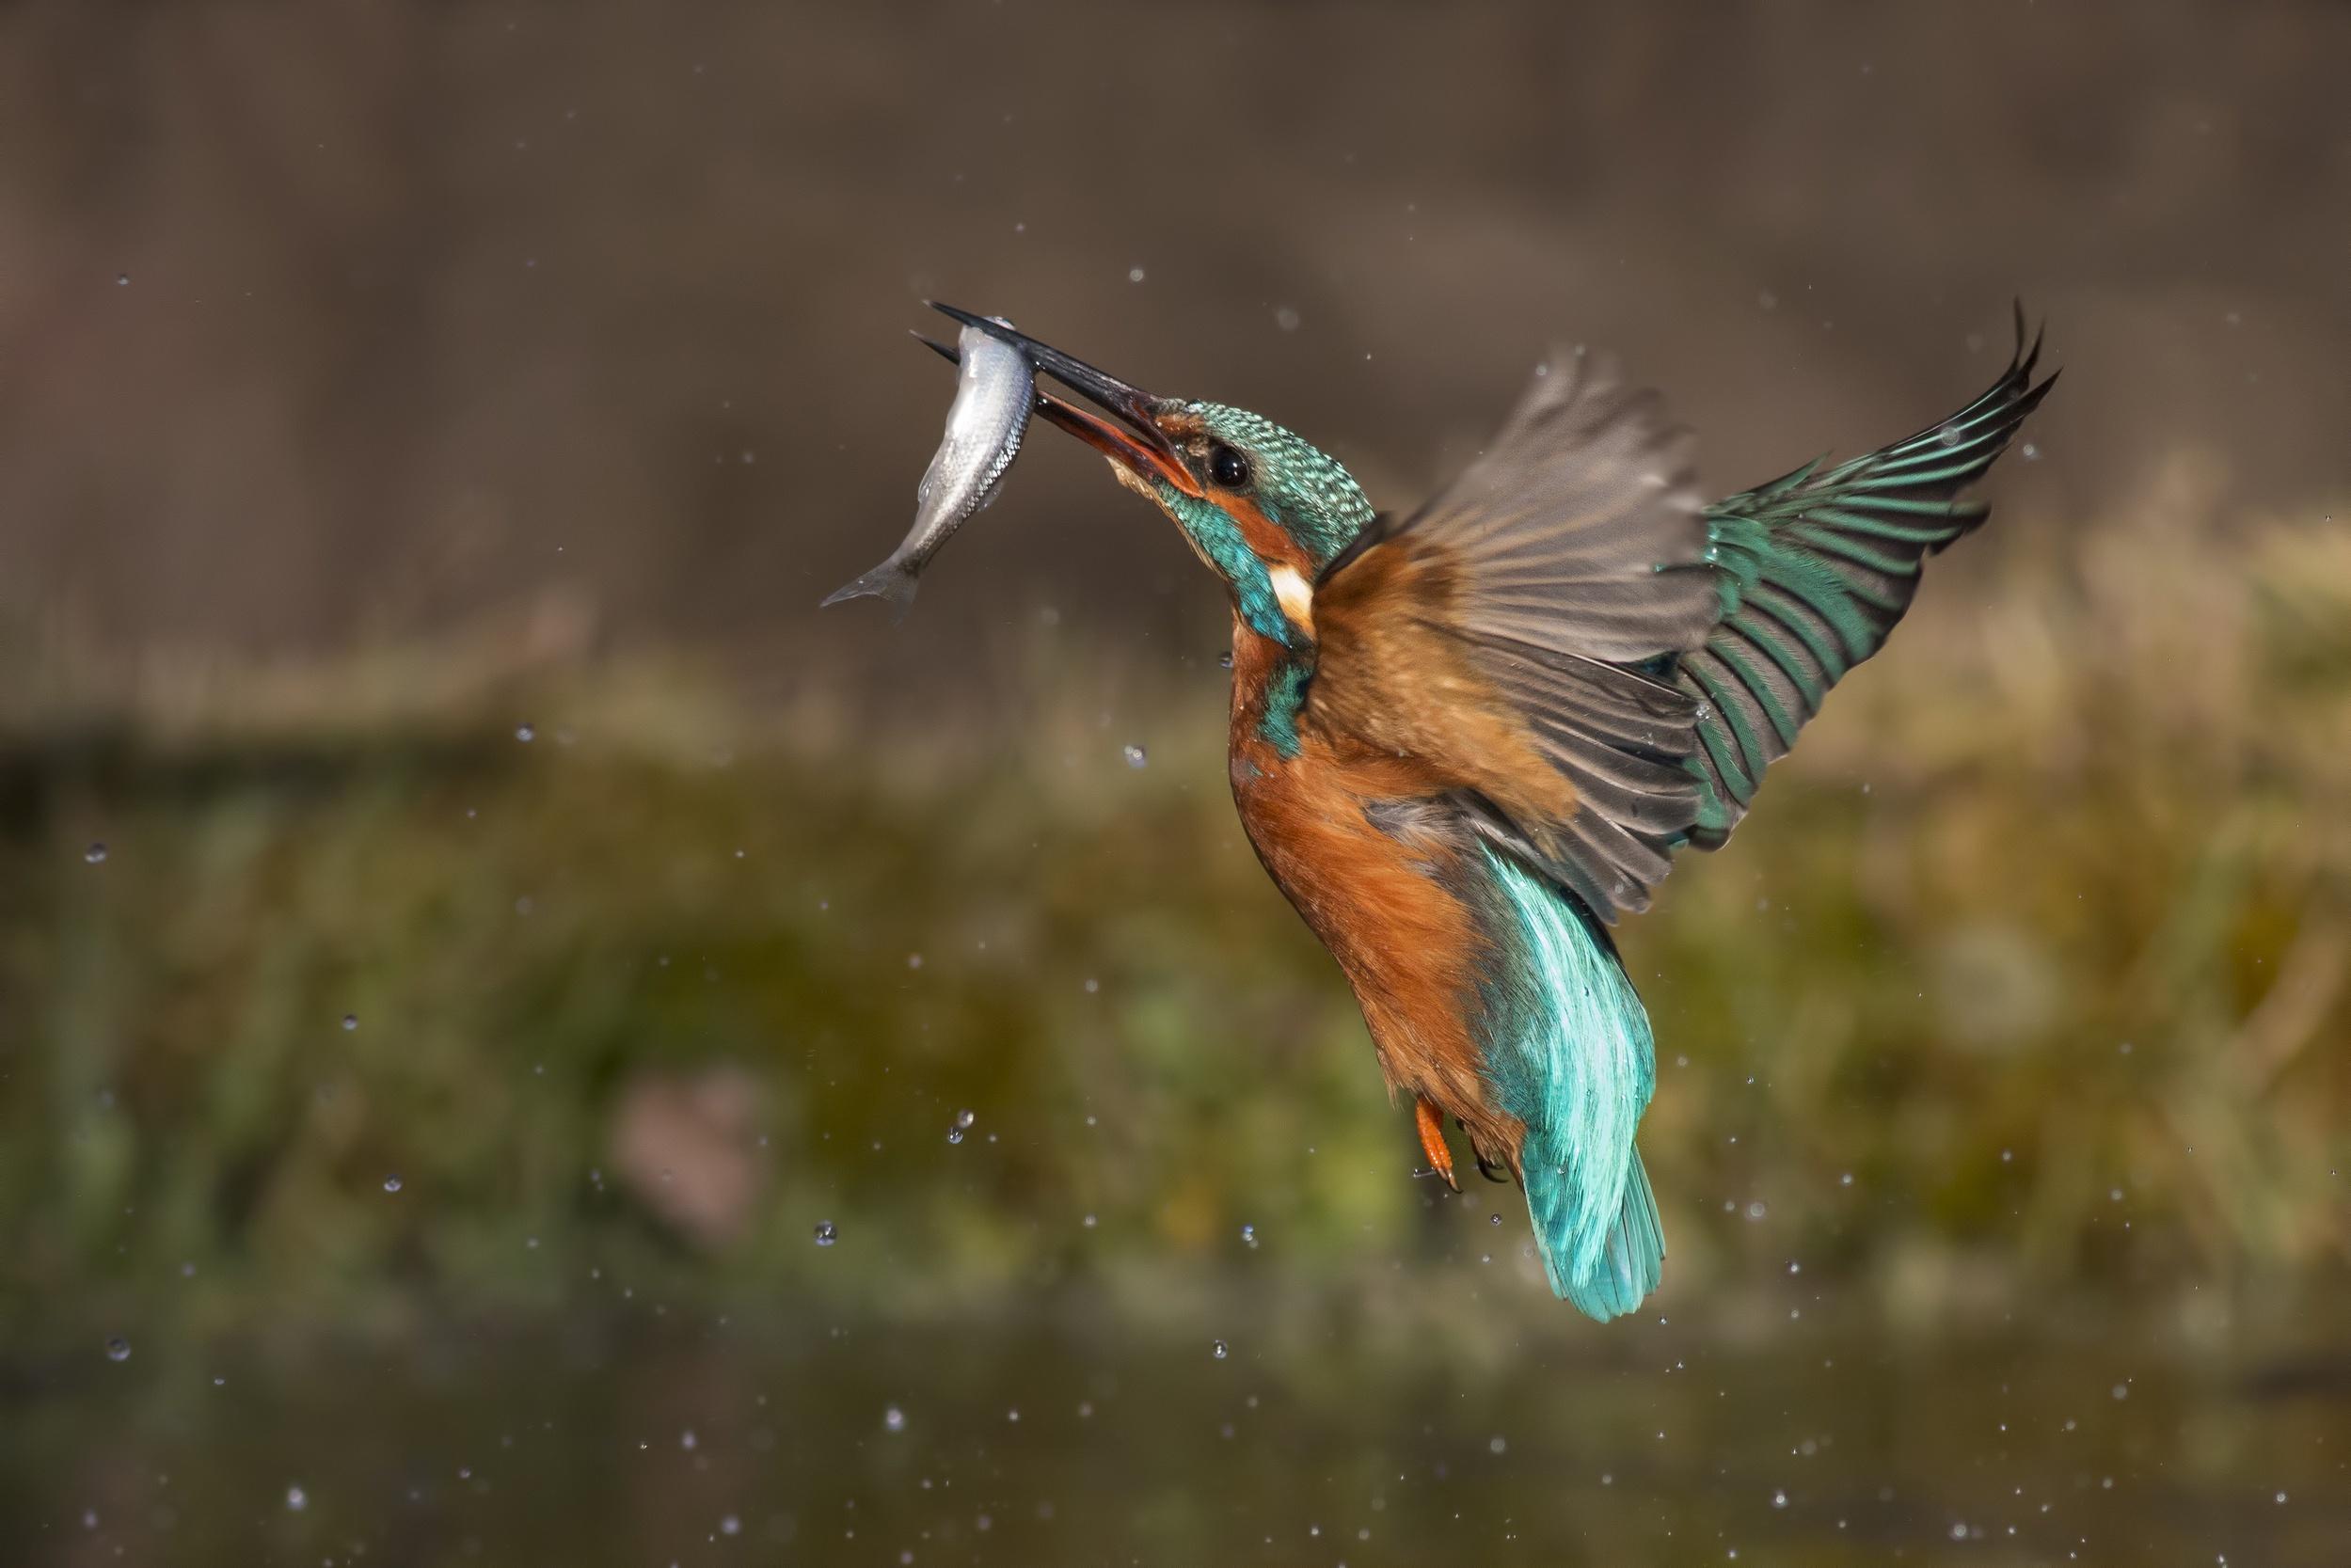 Pictures Common Kingfisher Fish Birds hunt Flight animal 2499x1667 bird Hunting Animals